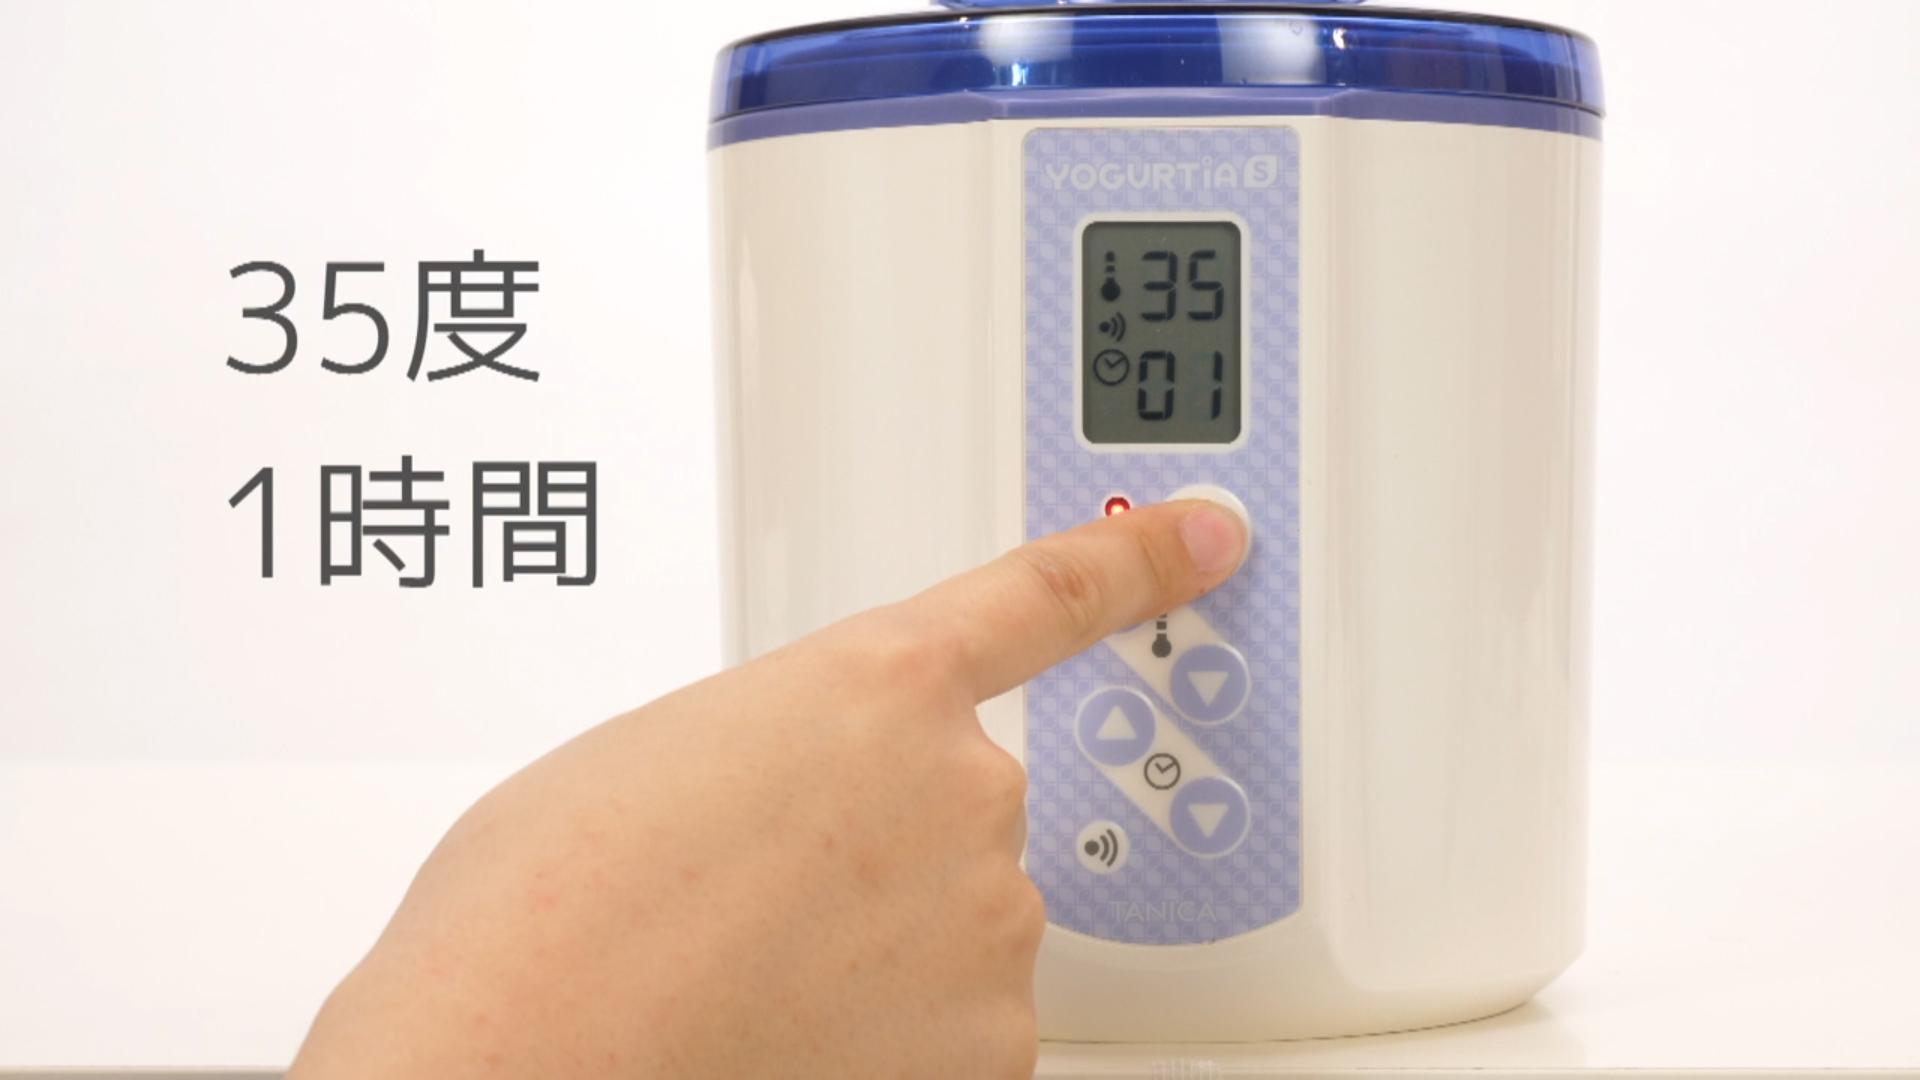 2 にヨーグルト35gを加えよく混ぜます。内容器のふたをしめ発酵器に入れ、温度を35℃、タイマーを1時間にセットし、発酵させます。